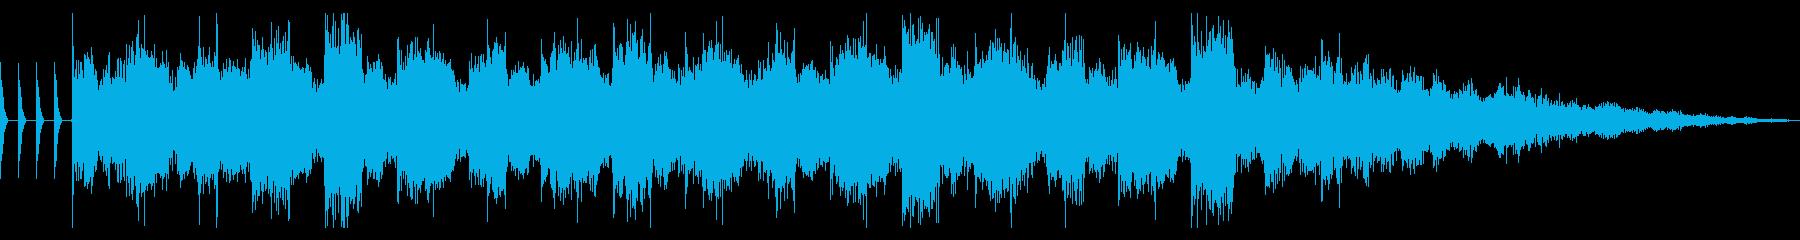 リザルトBGM サウンドロゴ エレクトロの再生済みの波形